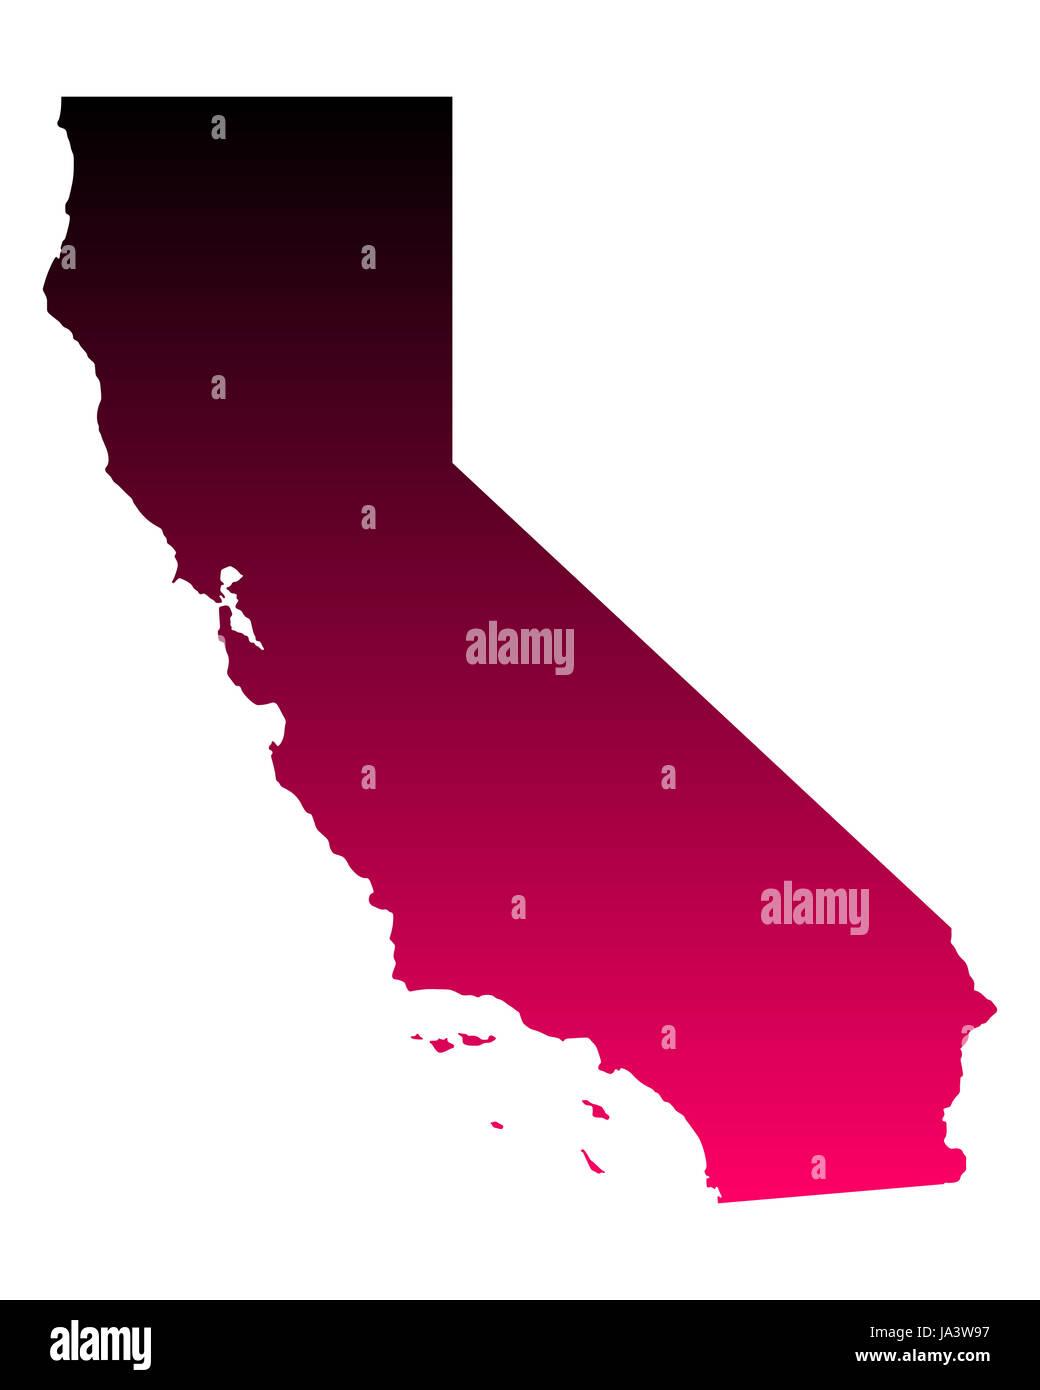 Kalifornien Karte.Karte Von Kalifornien Stock Photo 143915219 Alamy